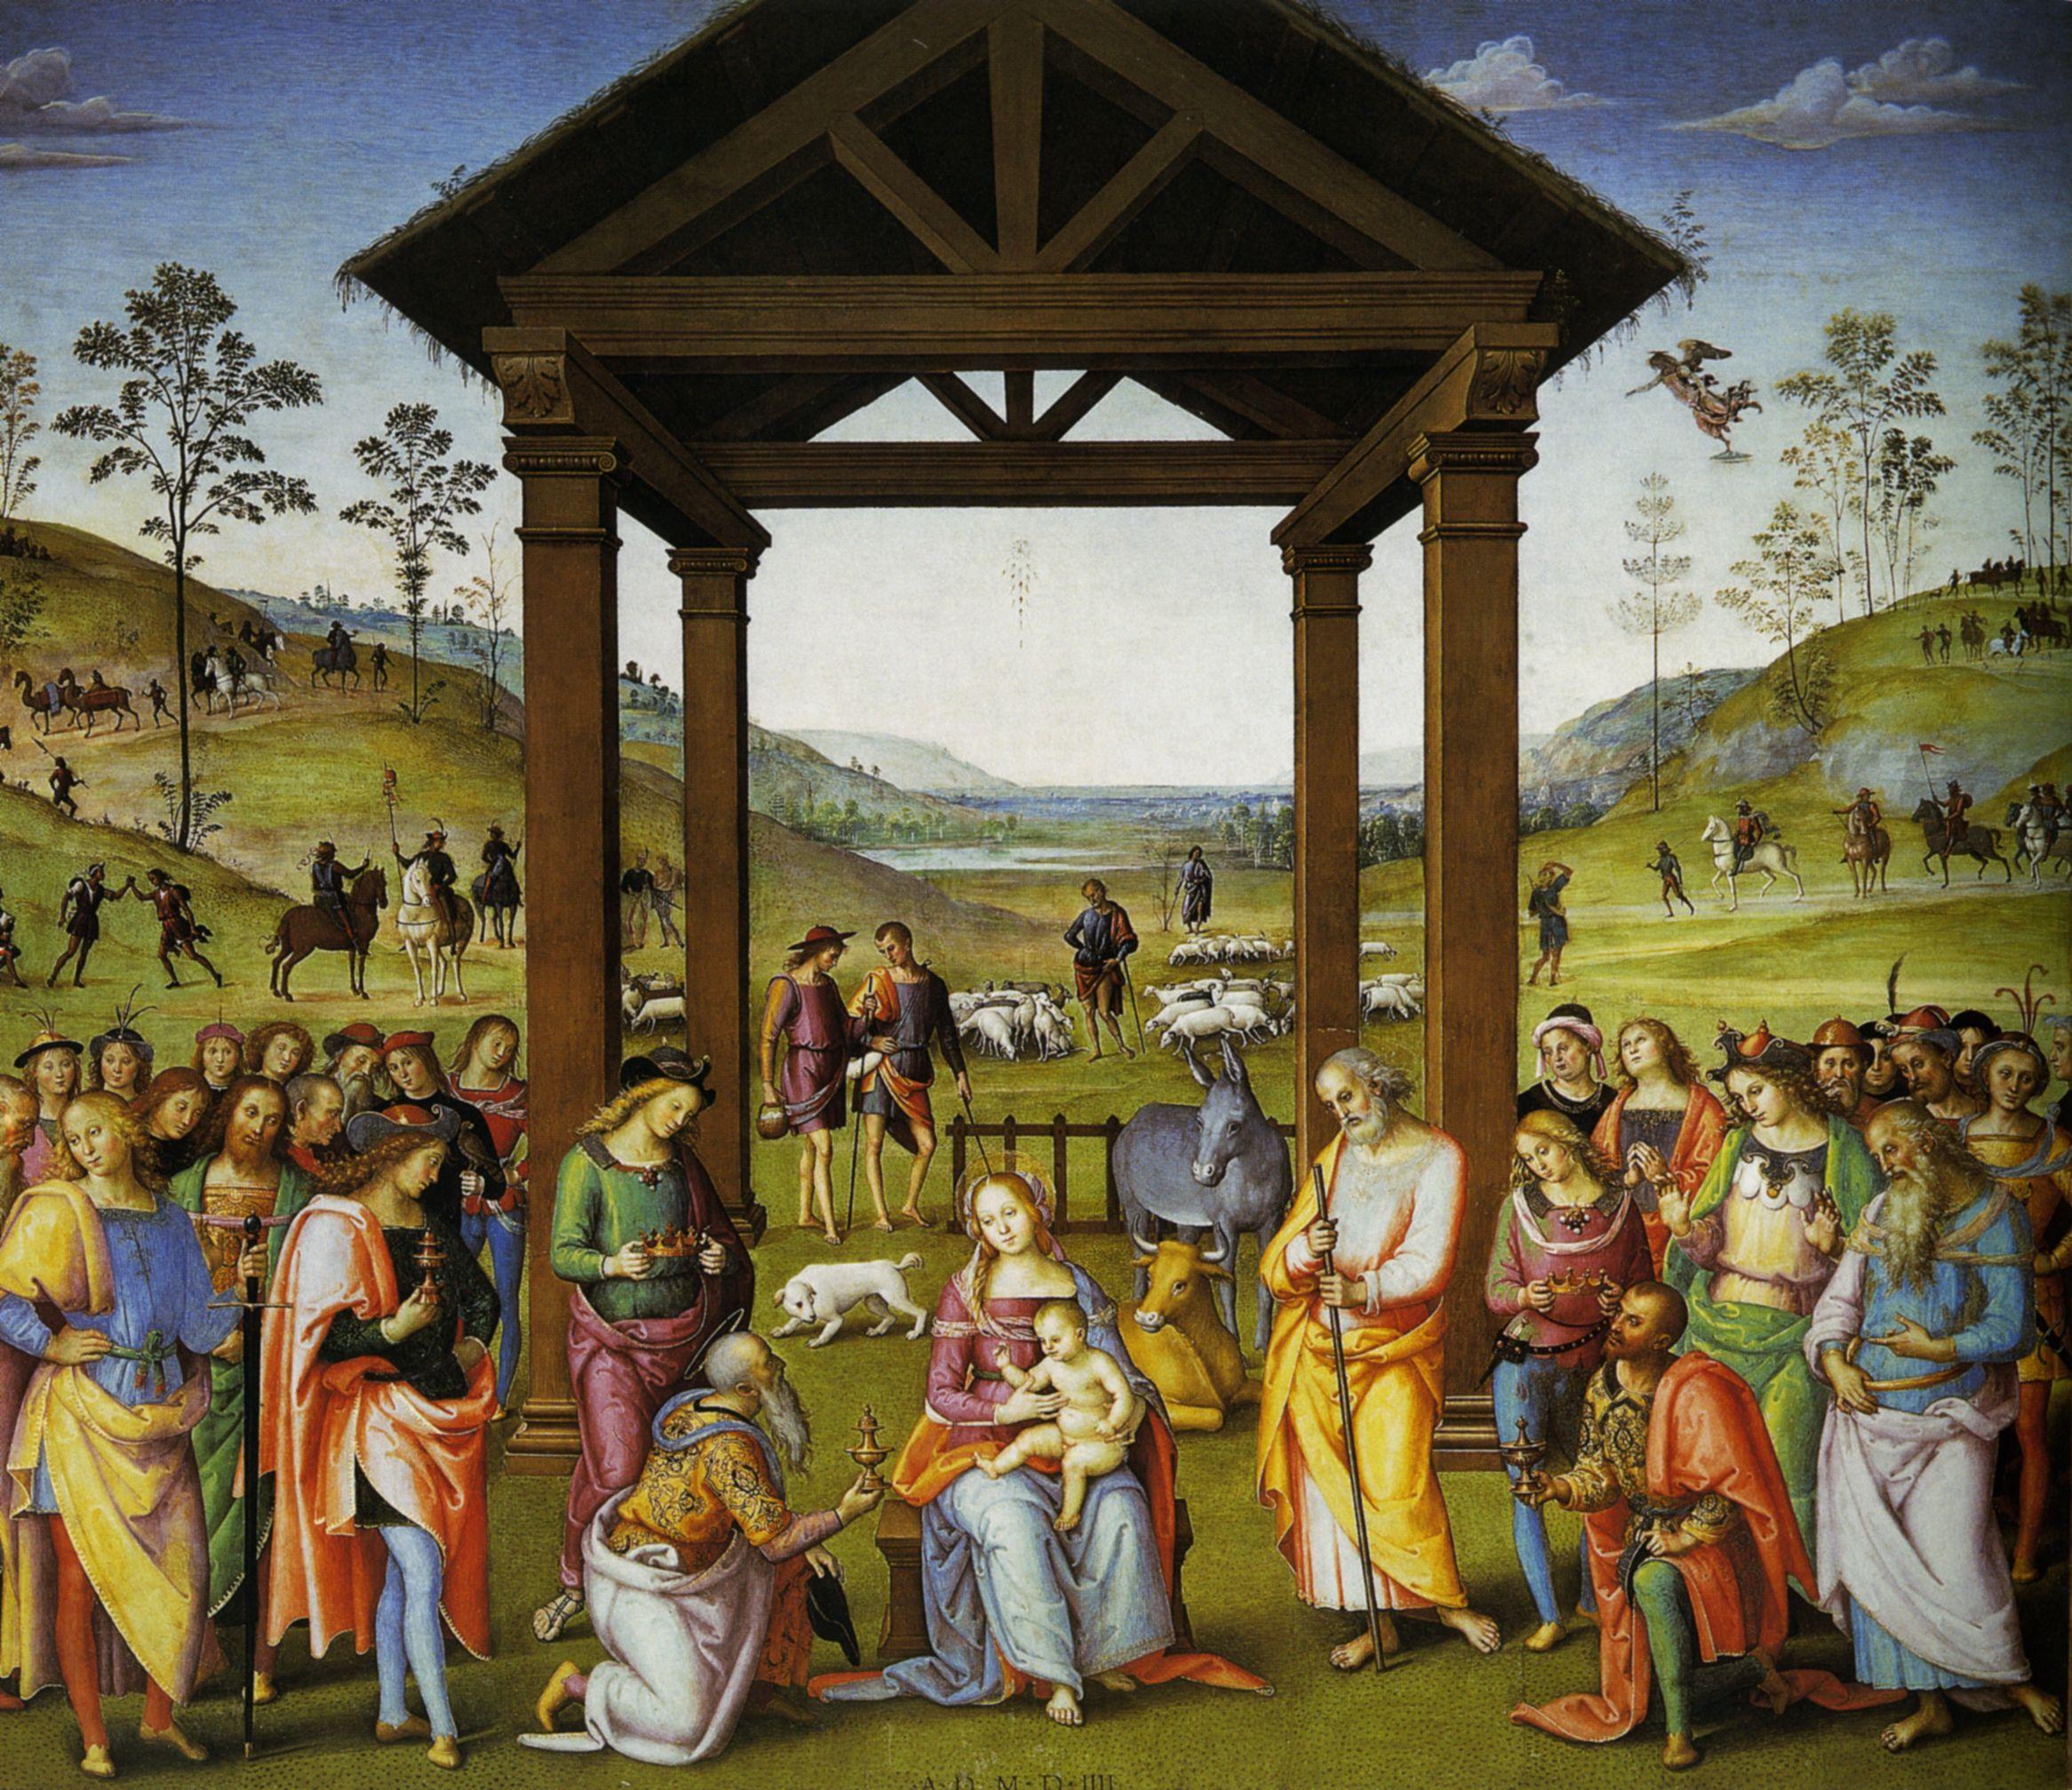 Adoration of the Magi (Perugino, Città della Pieve) - Wikipedia